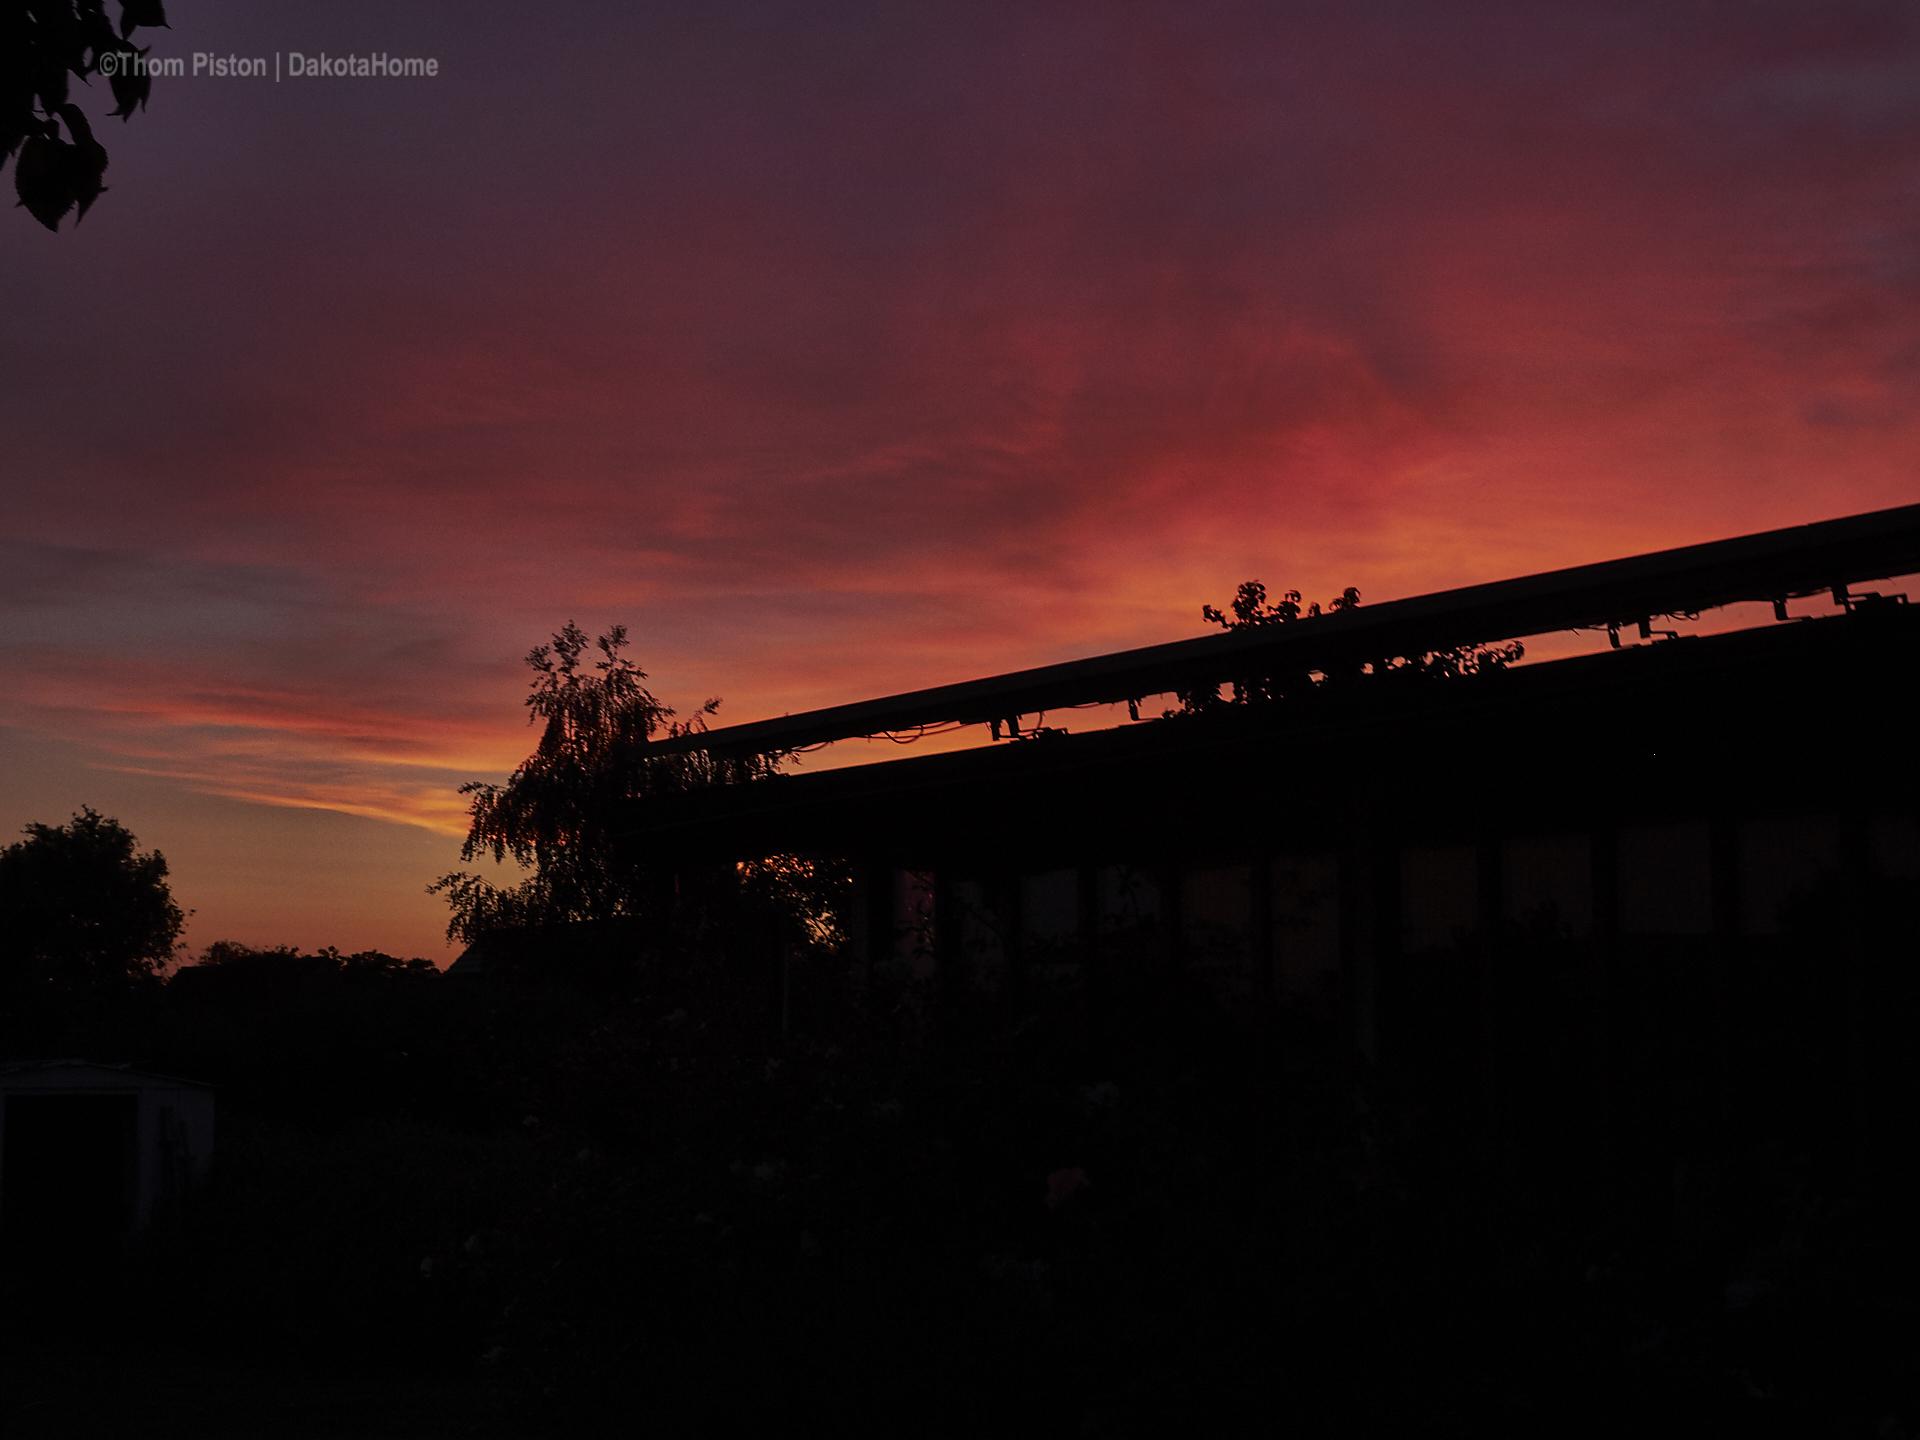 der legendäre Sonnenuntergang, mitte Juni, am Dakota Home